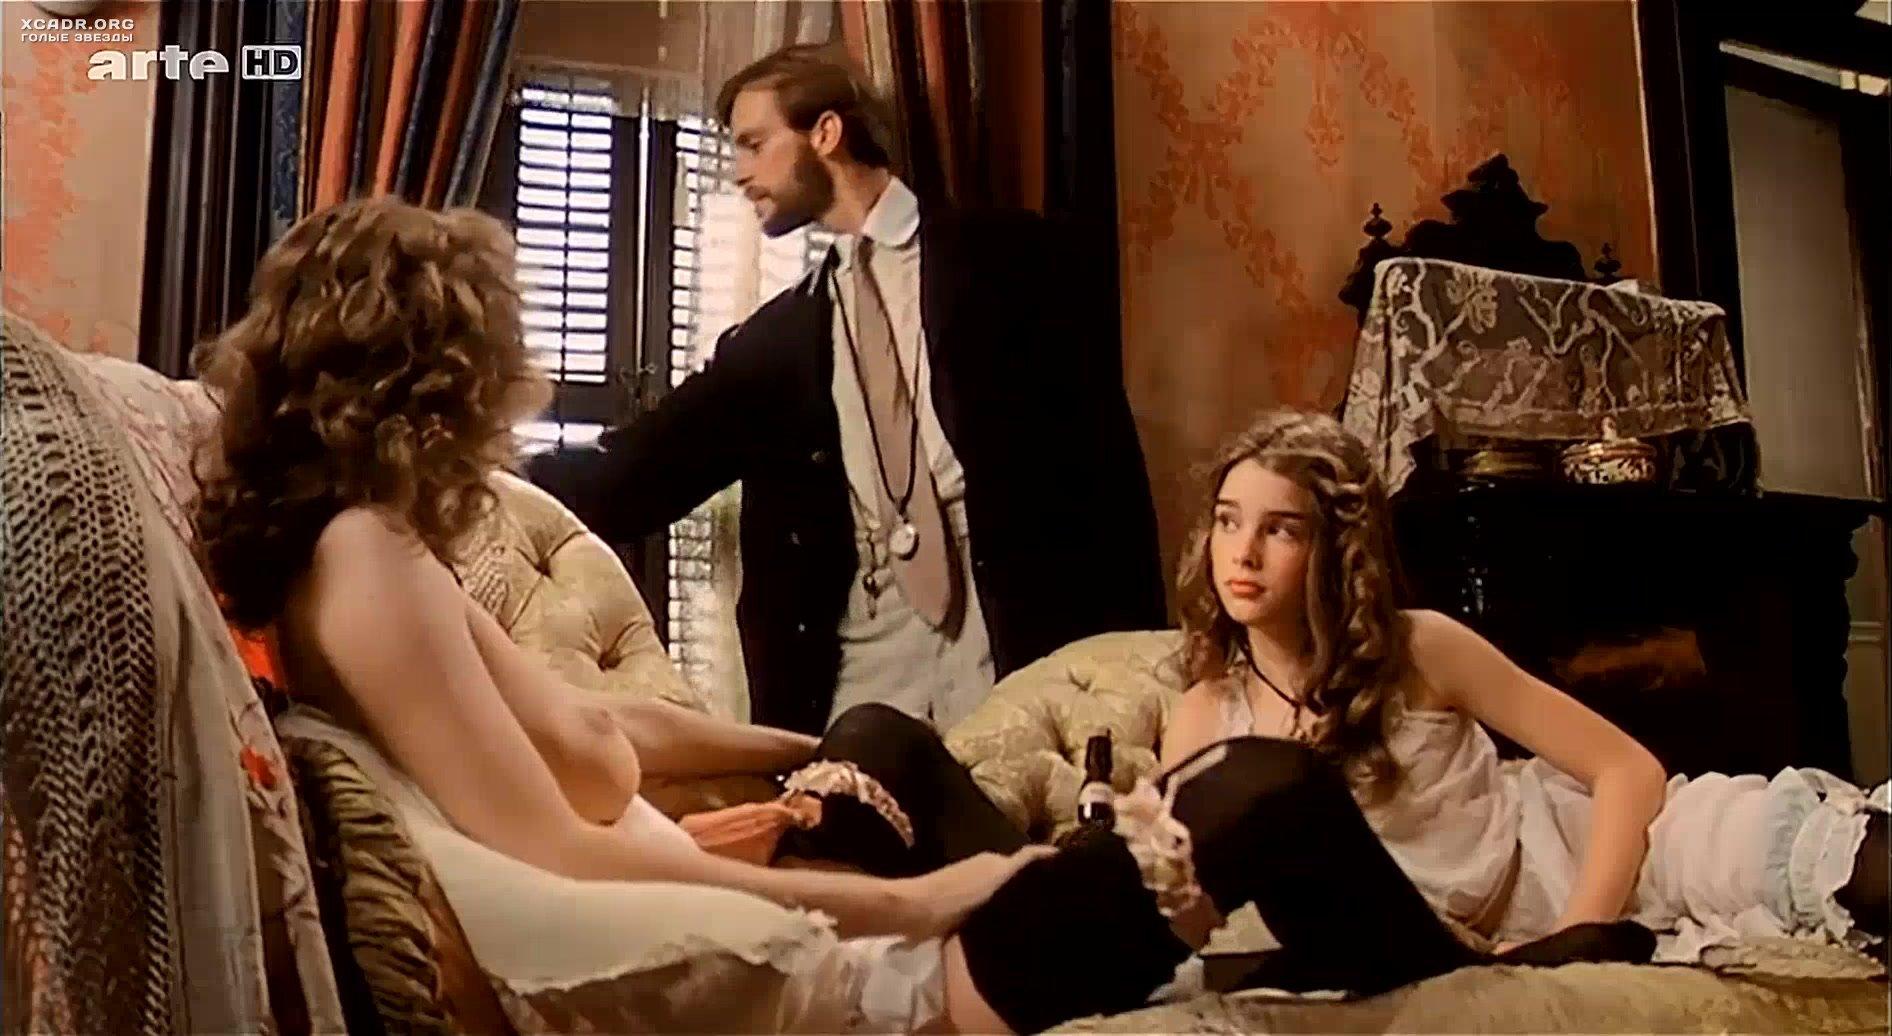 итальянский фильм про проституток - 9